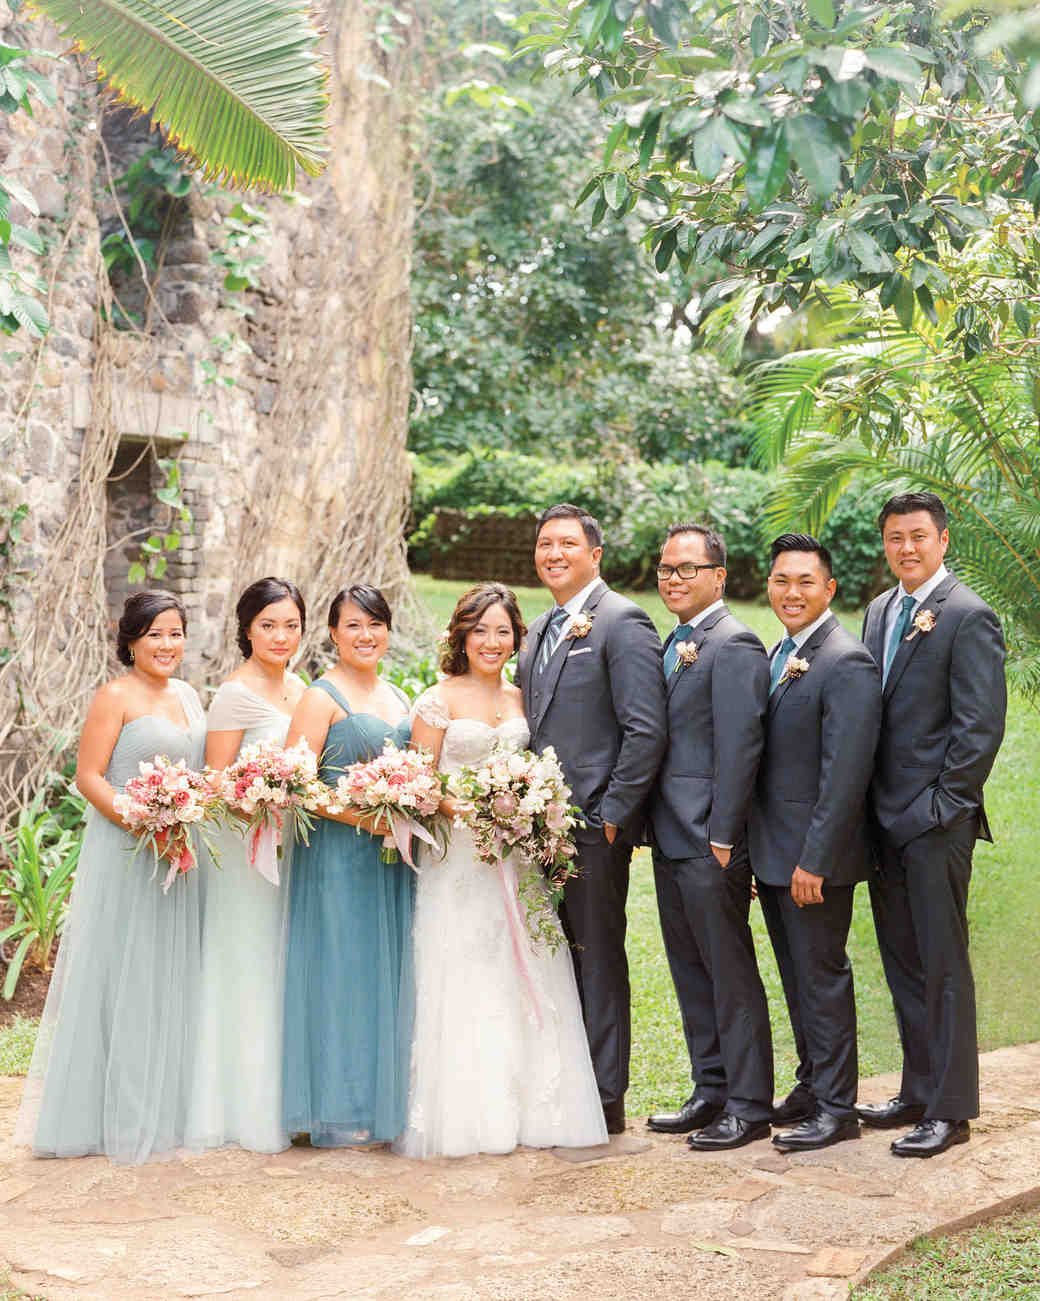 lian-erween-wedding-hawaii-0519-s112268.jpg